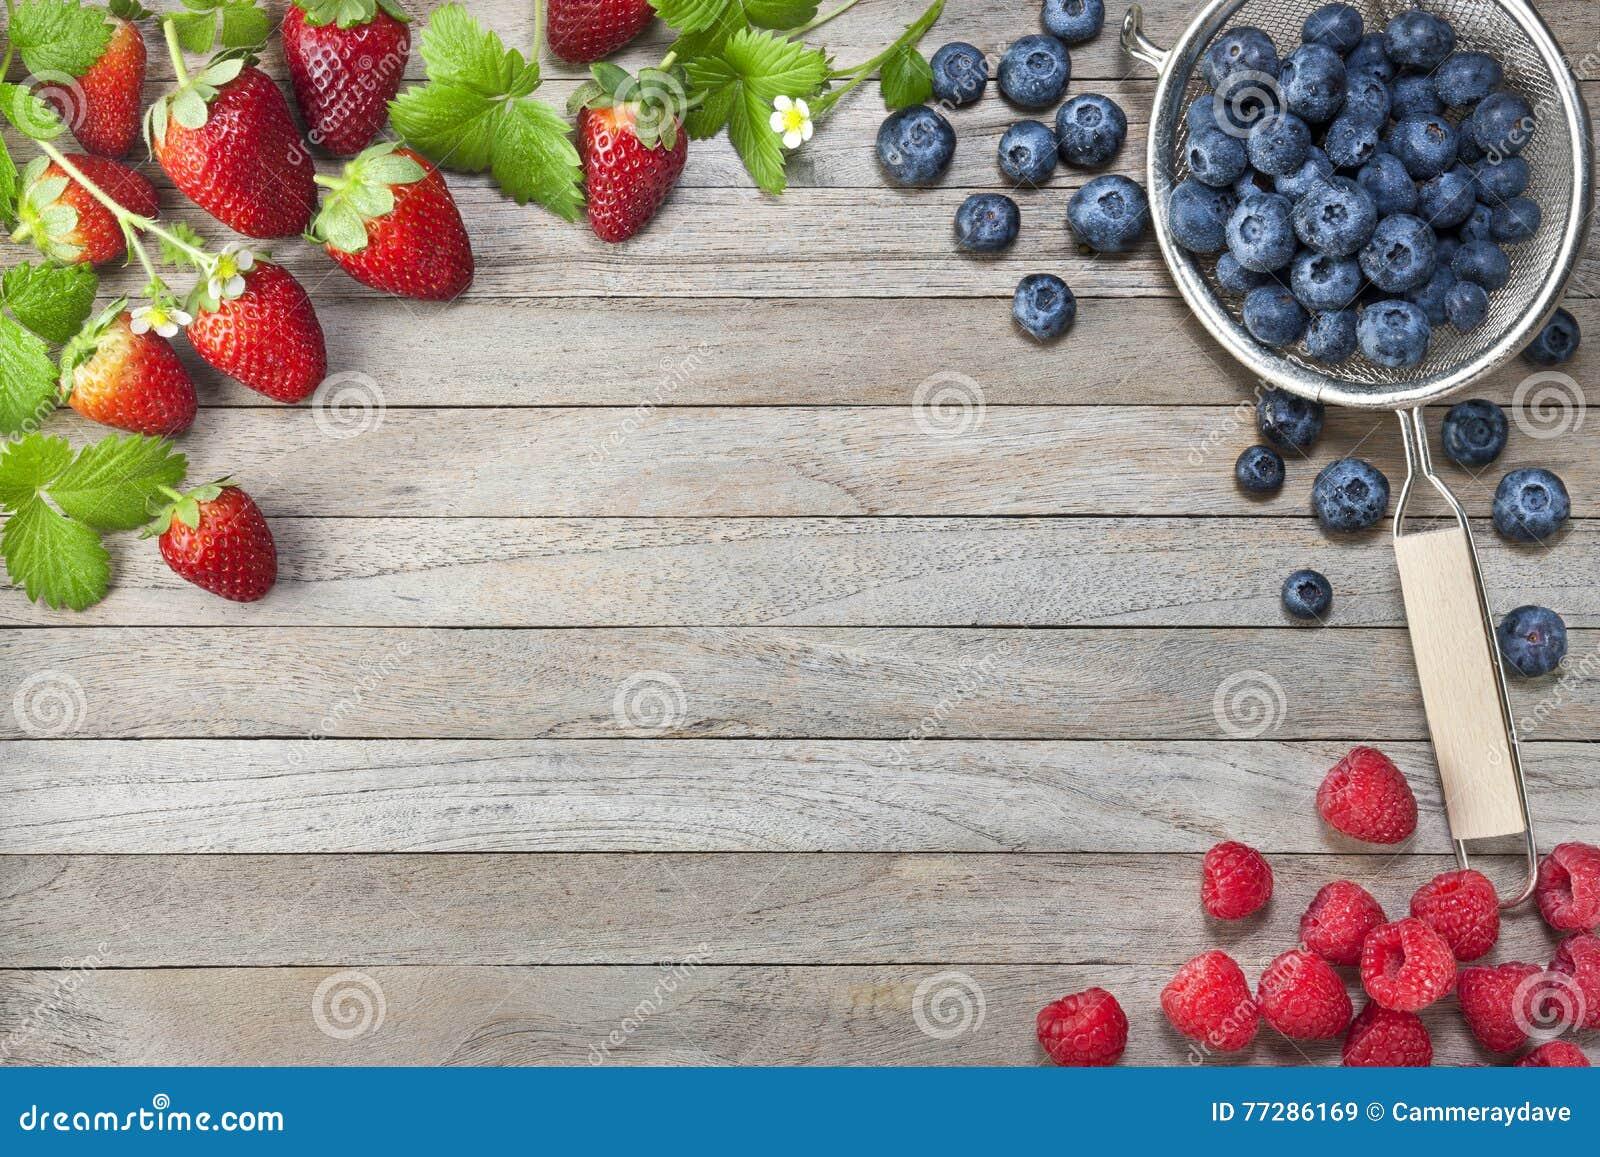 莓果草莓蓝莓莓背景